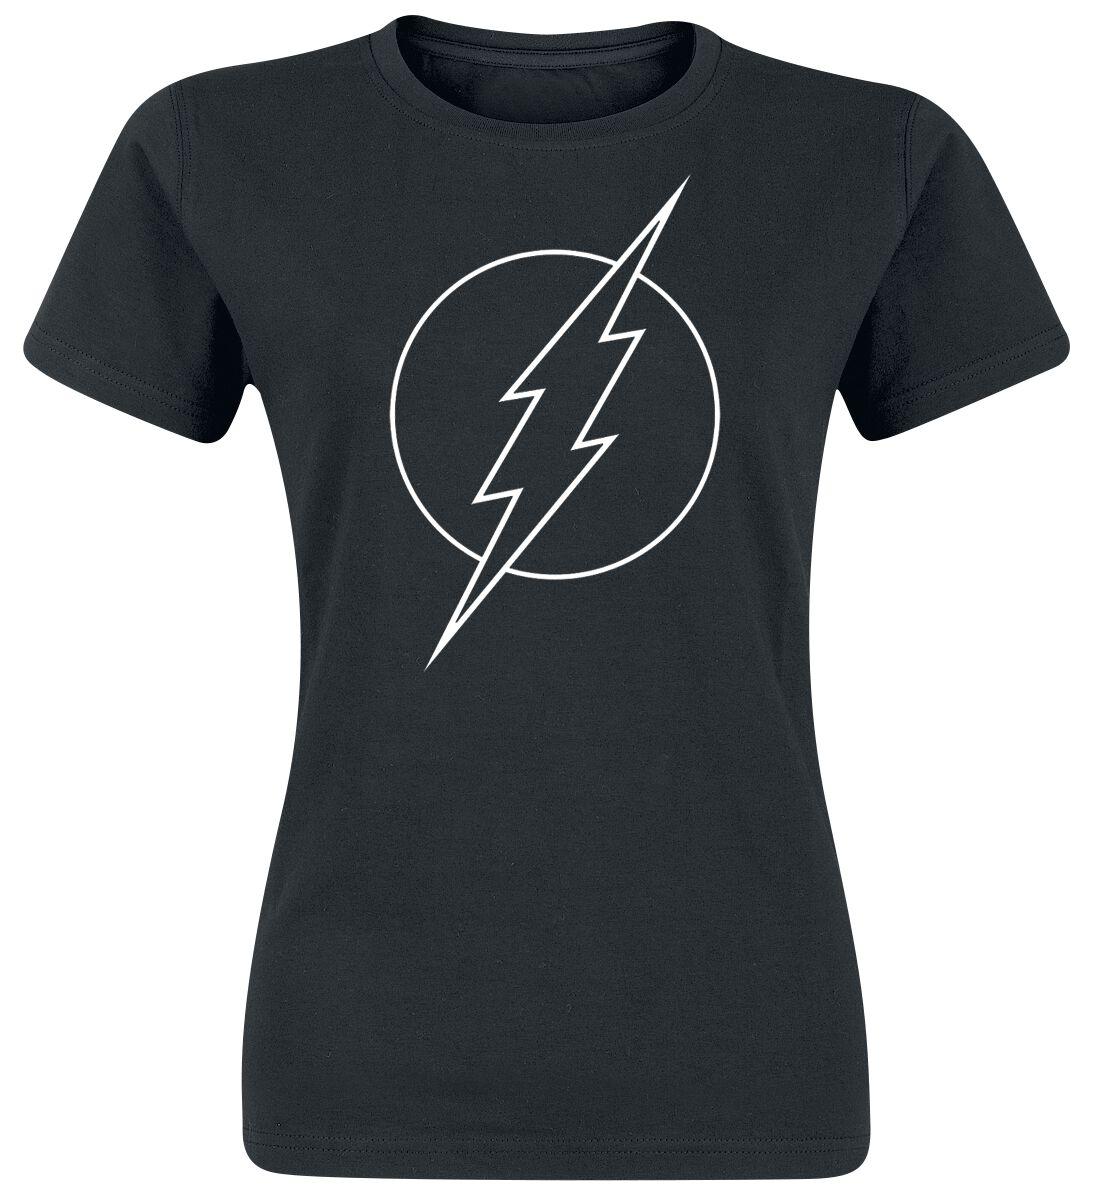 Merch dla Fanów - Koszulki - Koszulka damska The Flash Logo Koszulka damska czarny - 369655